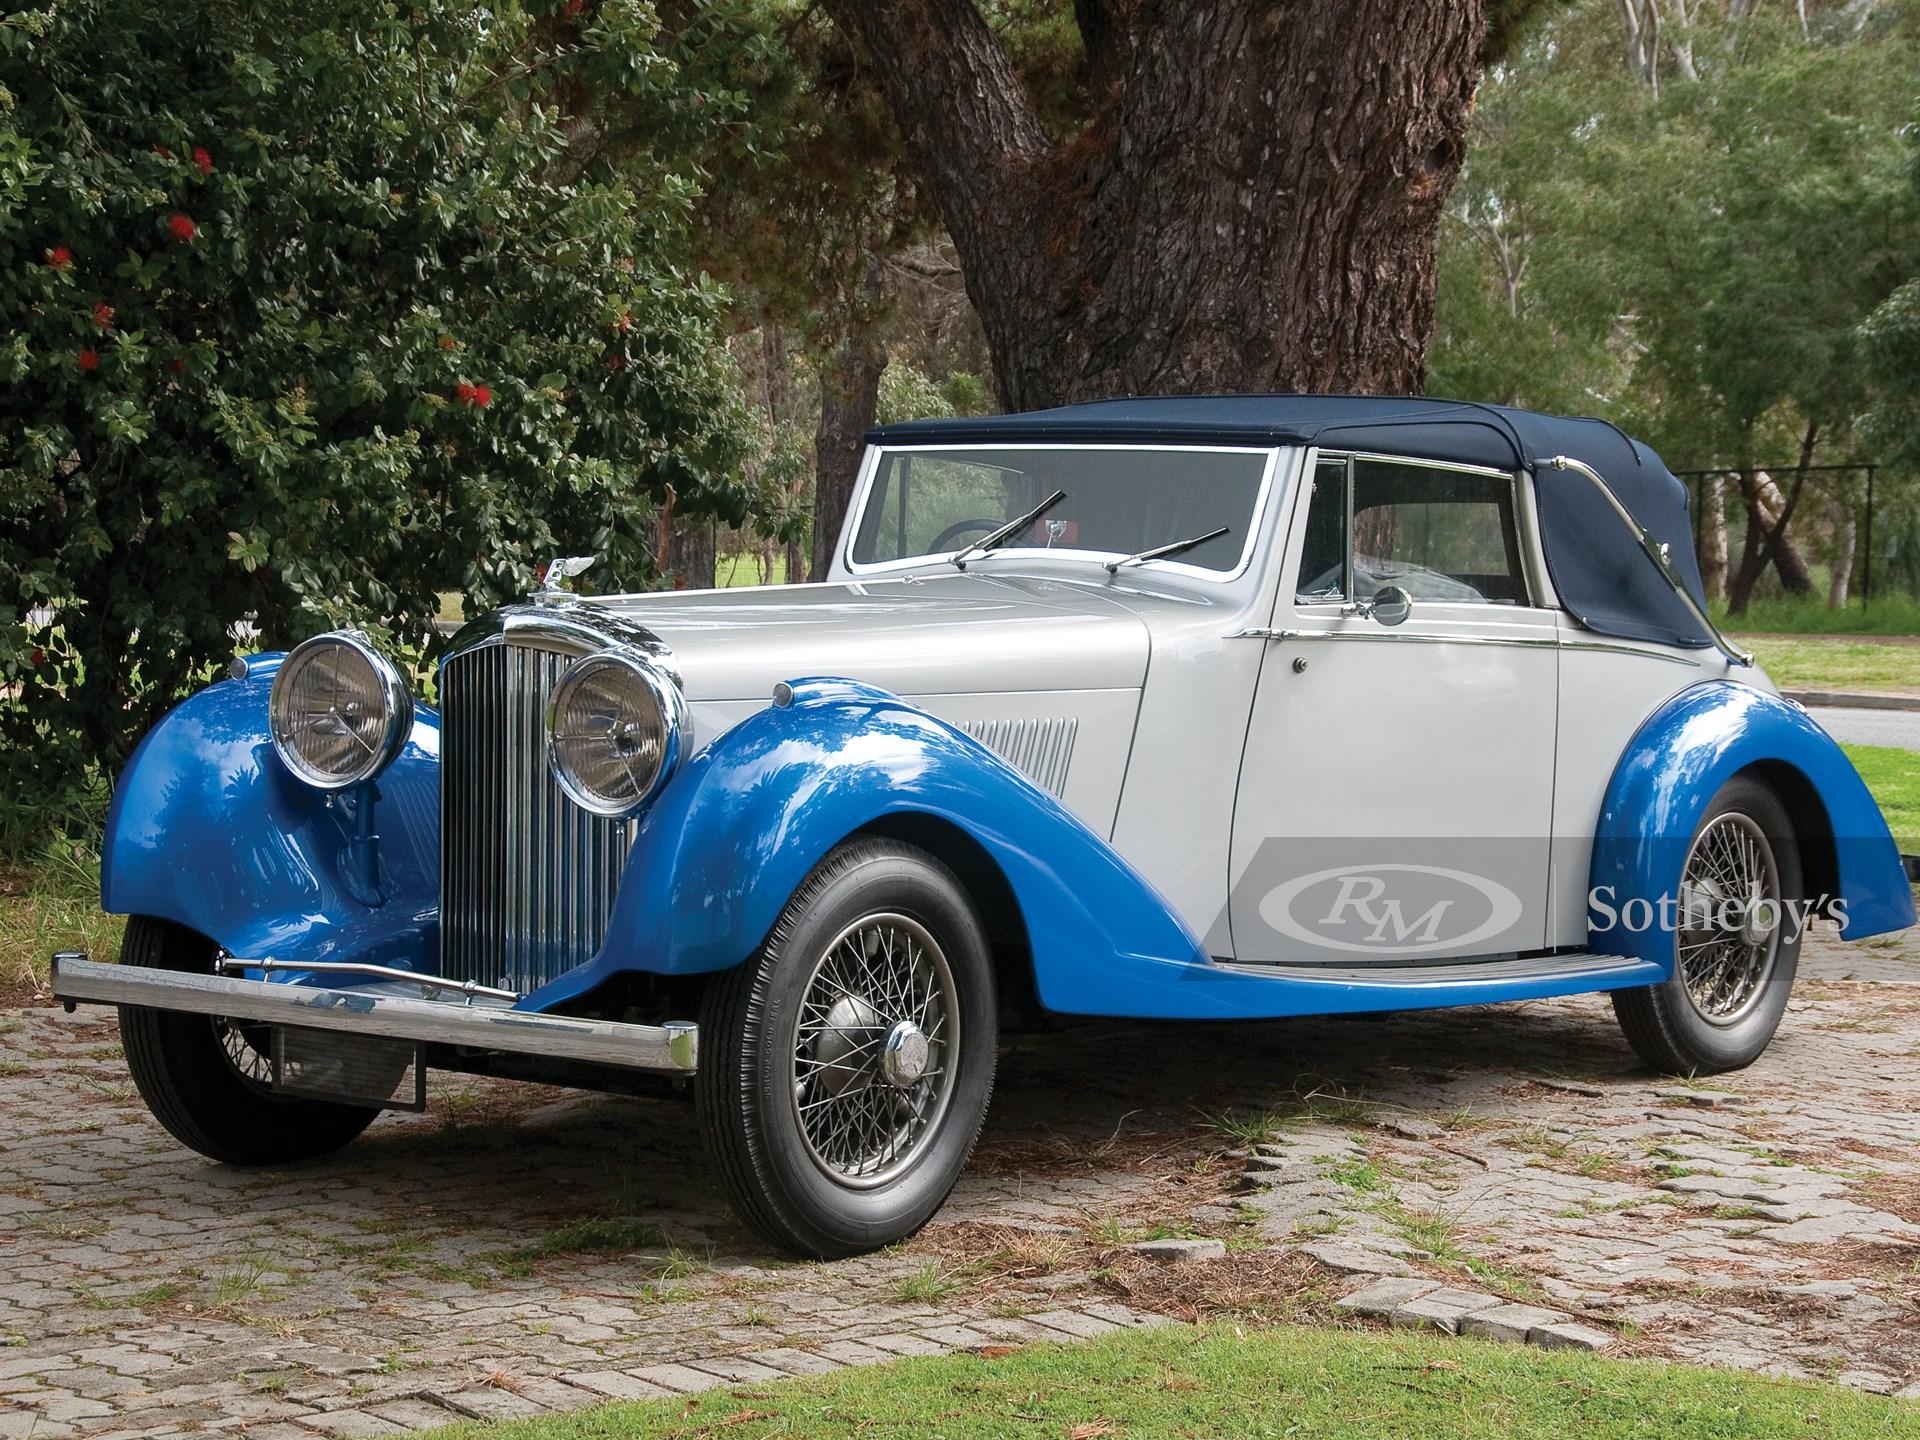 1936 Bentley 4 1/4 Litre Drophead Coupé